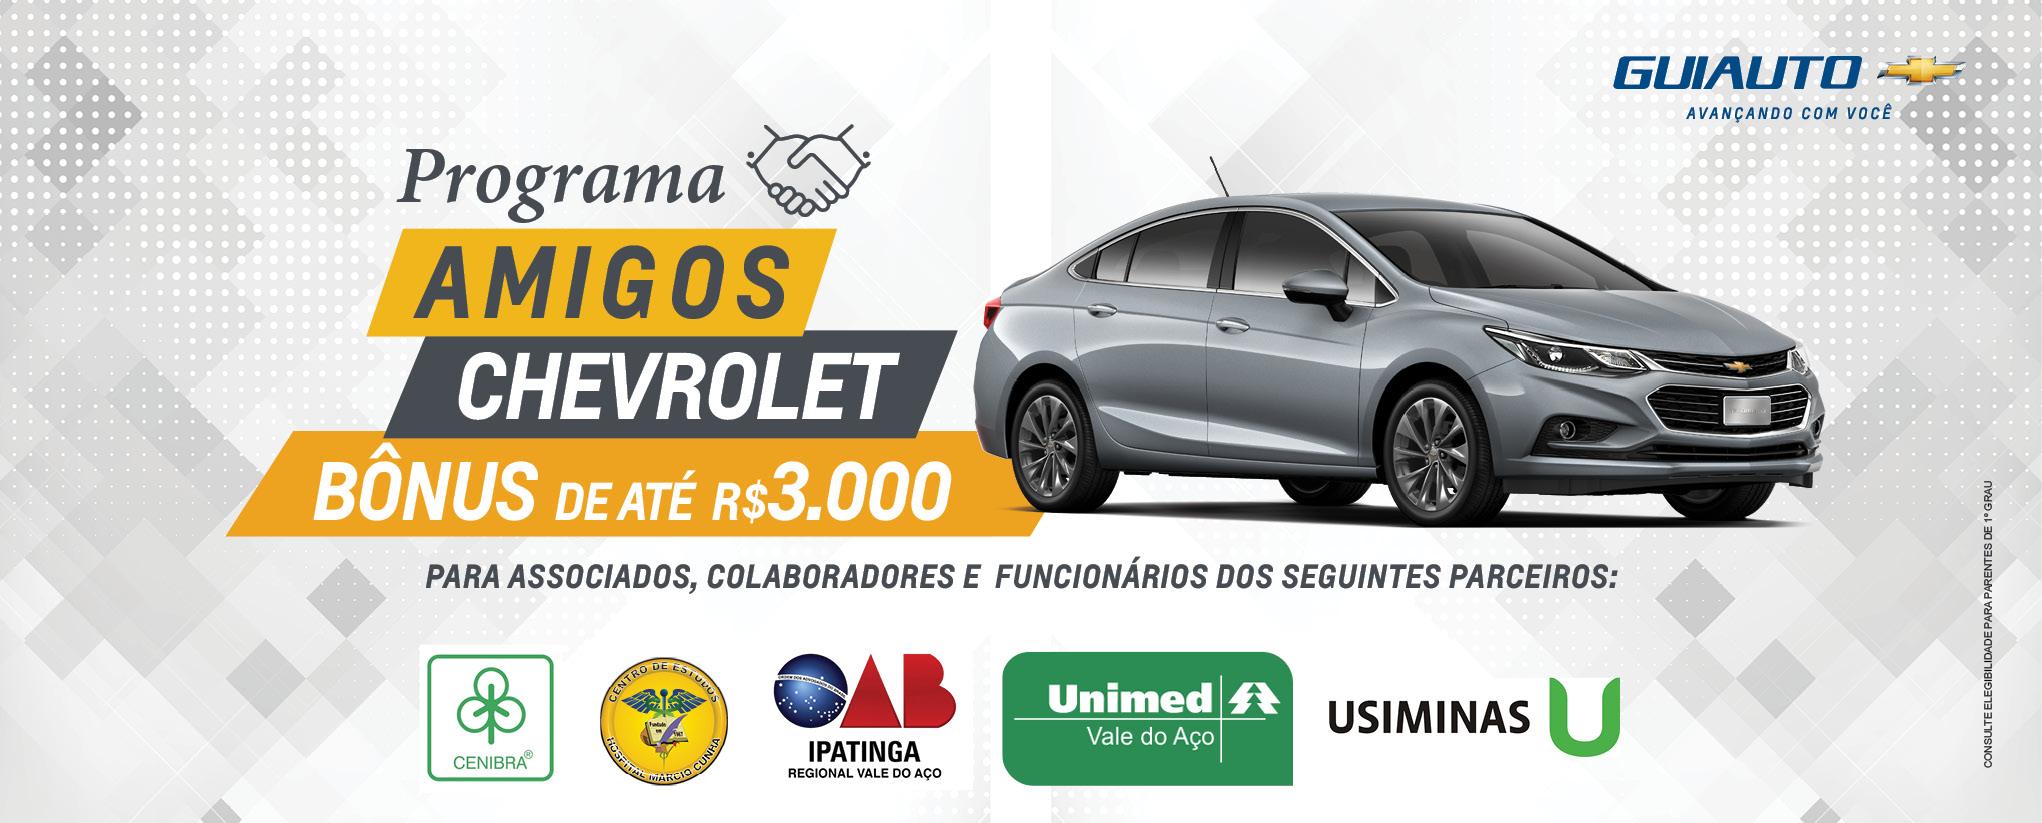 BANNERSITE_AMIGOS_GM (3)